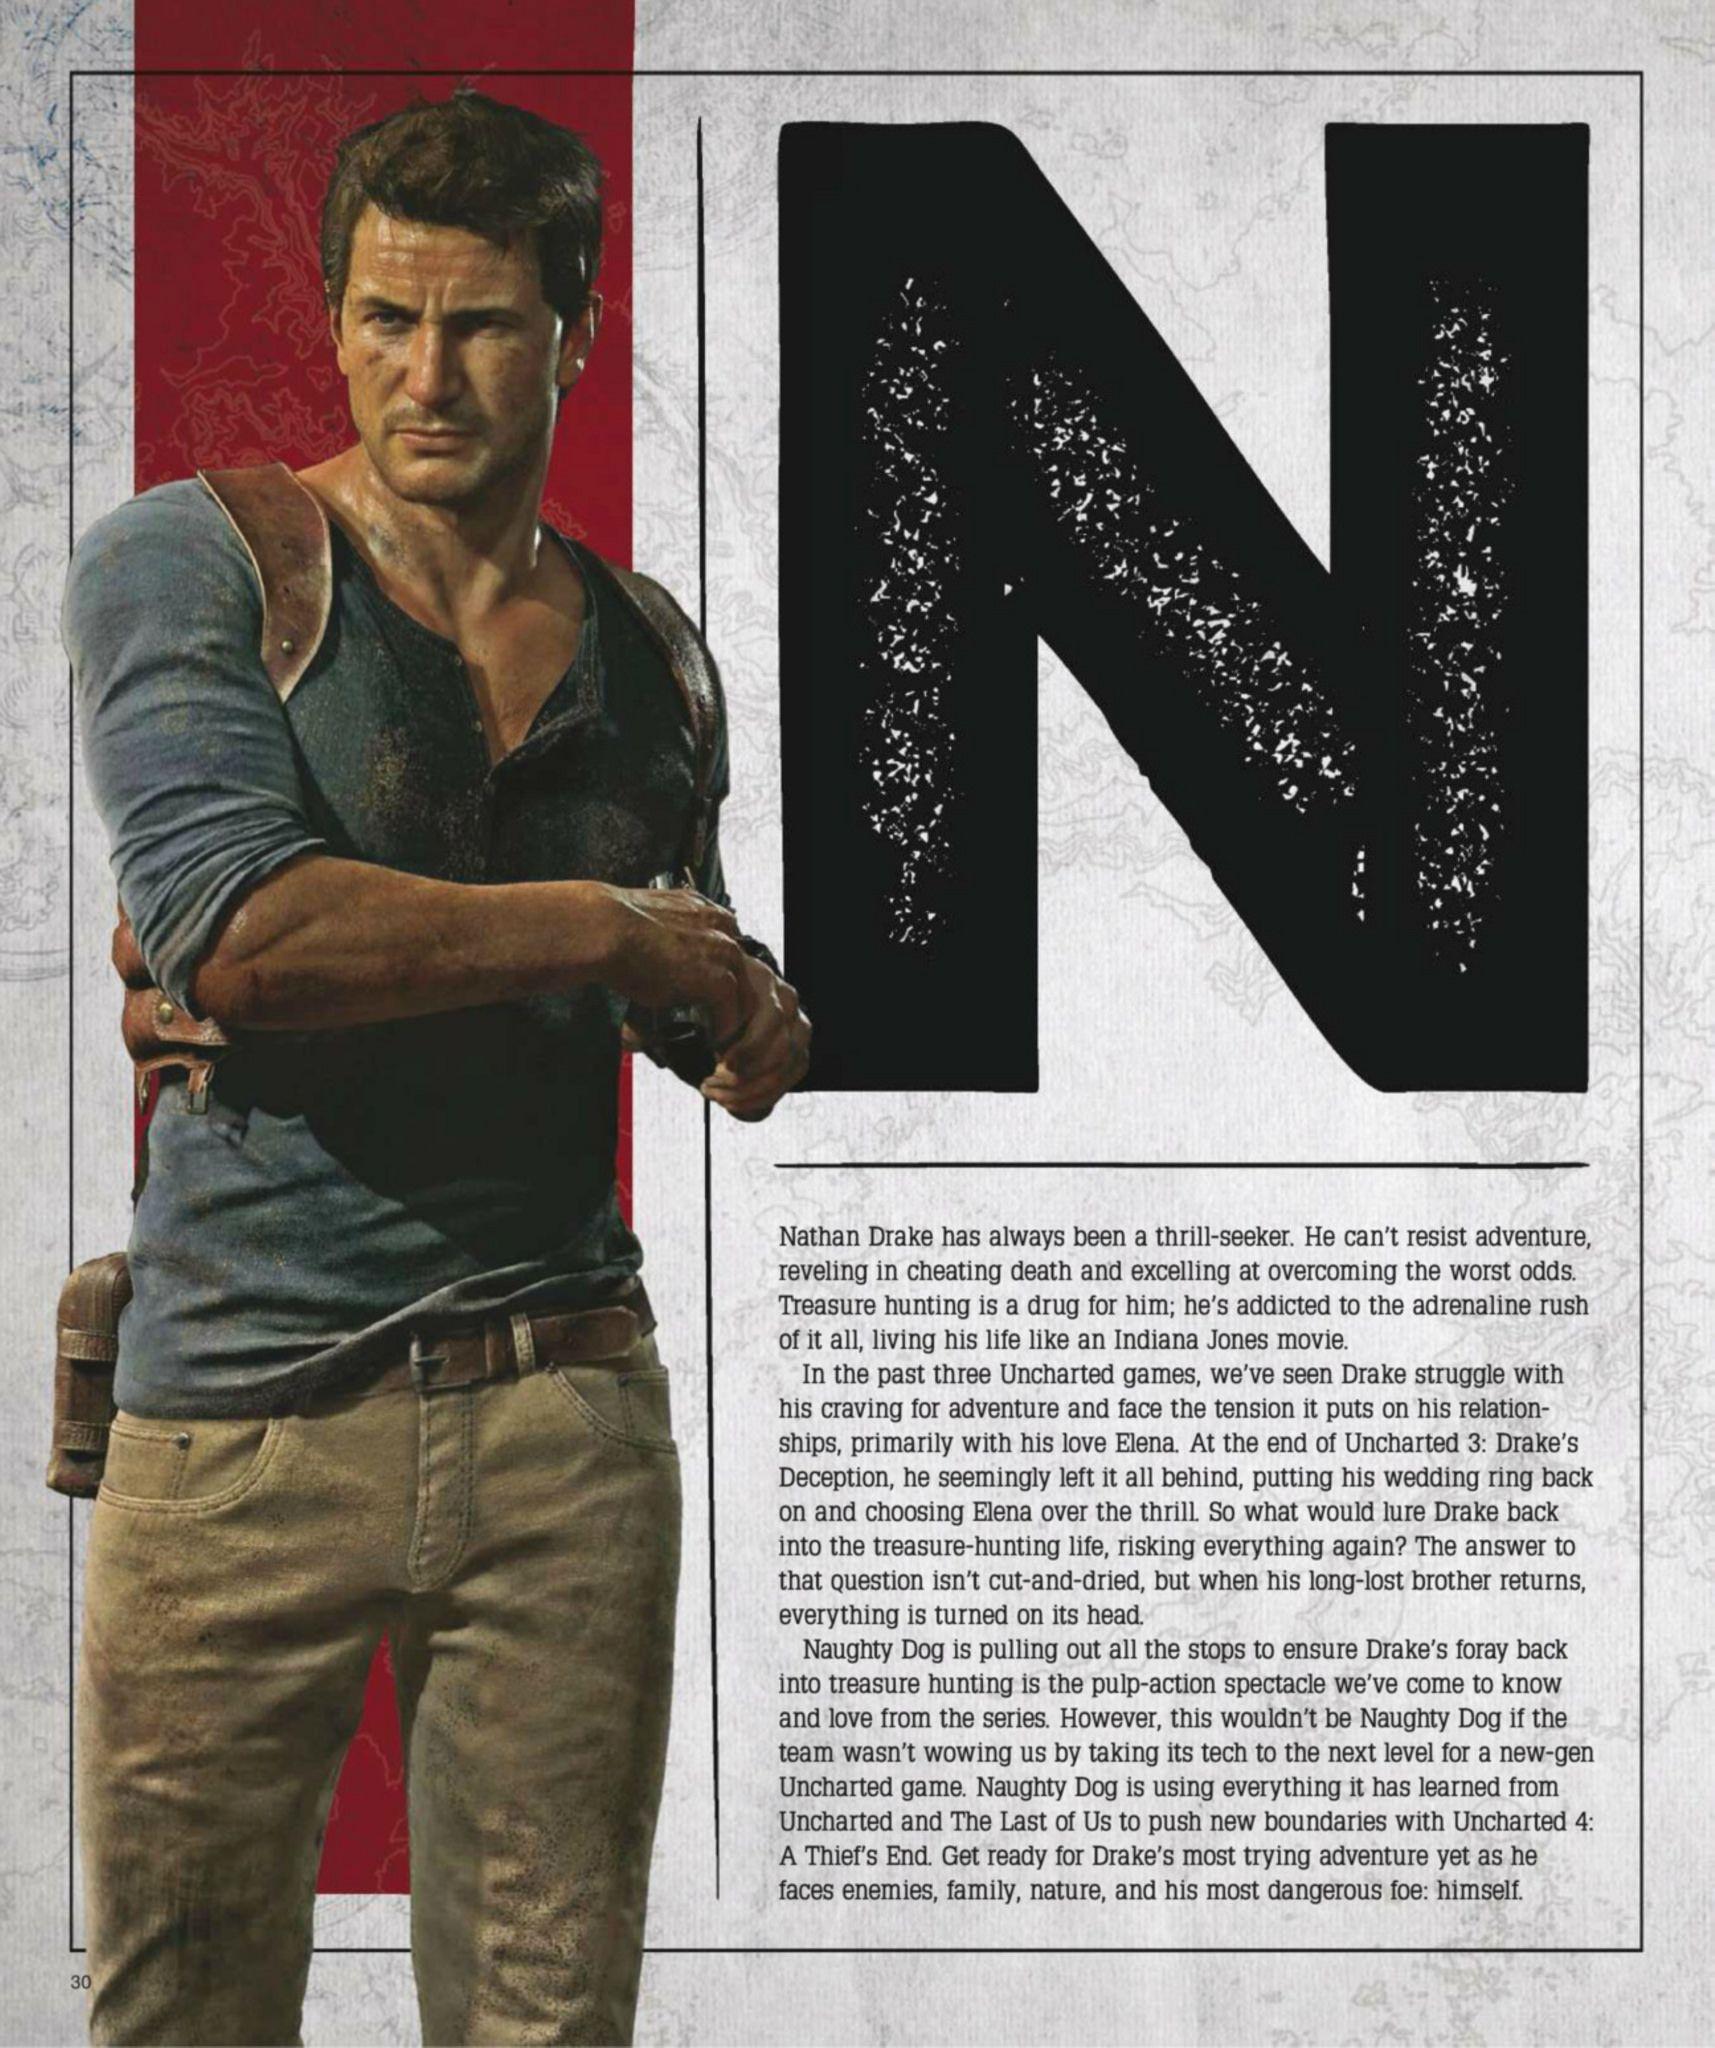 Сканы Uncharted 4: A Thief's End из свежего номера Game Informer  - Изображение 2